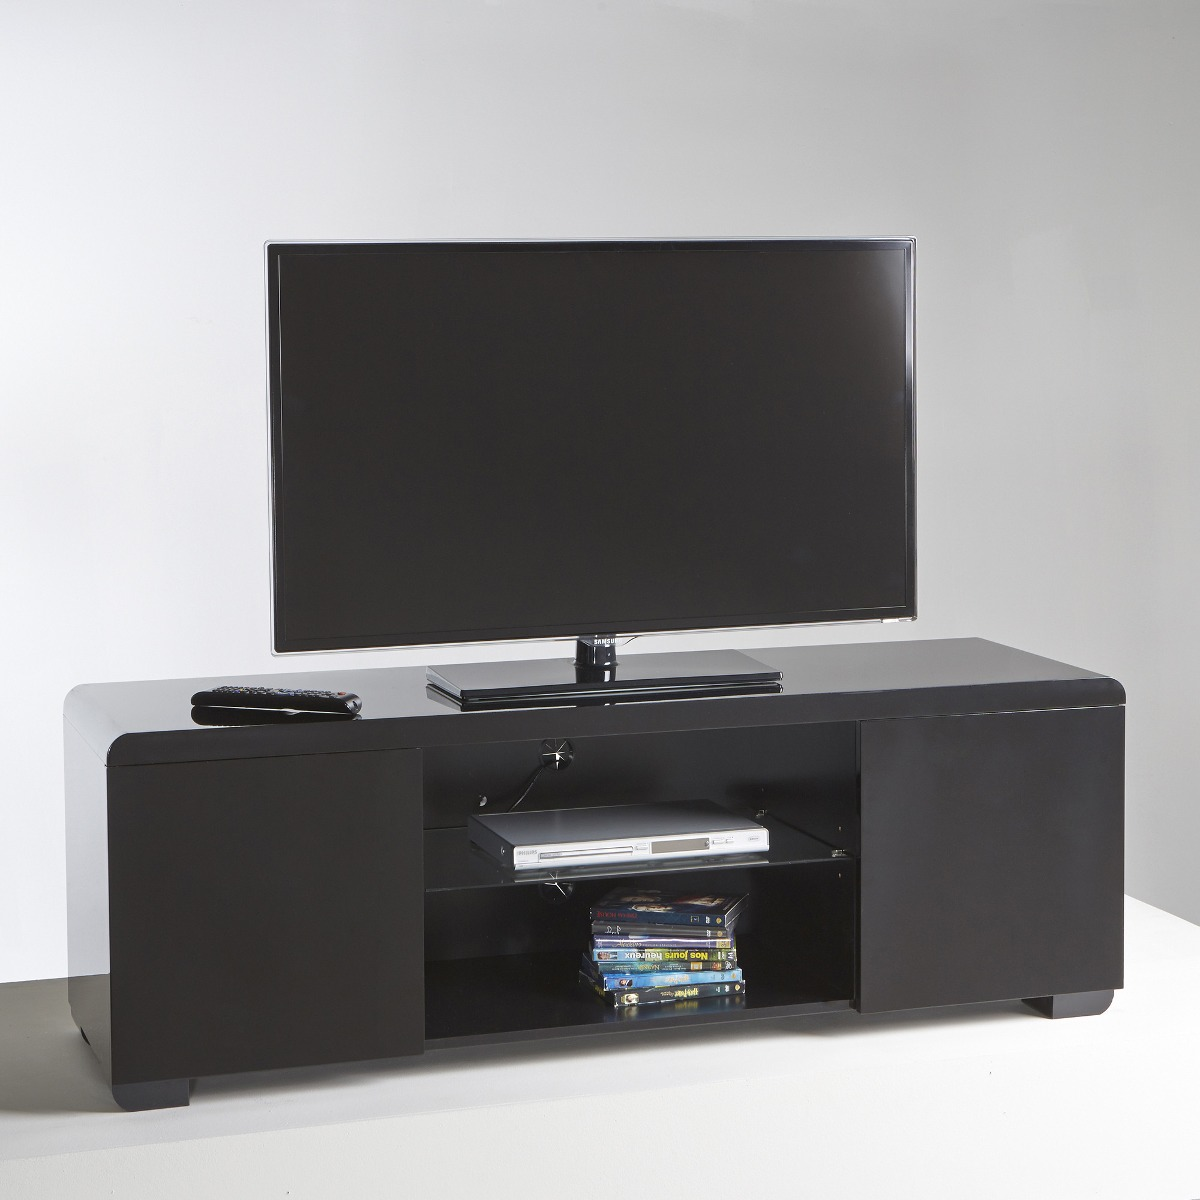 Mesa para television dise o moderno con vidrio ref for Mesas de television baratas